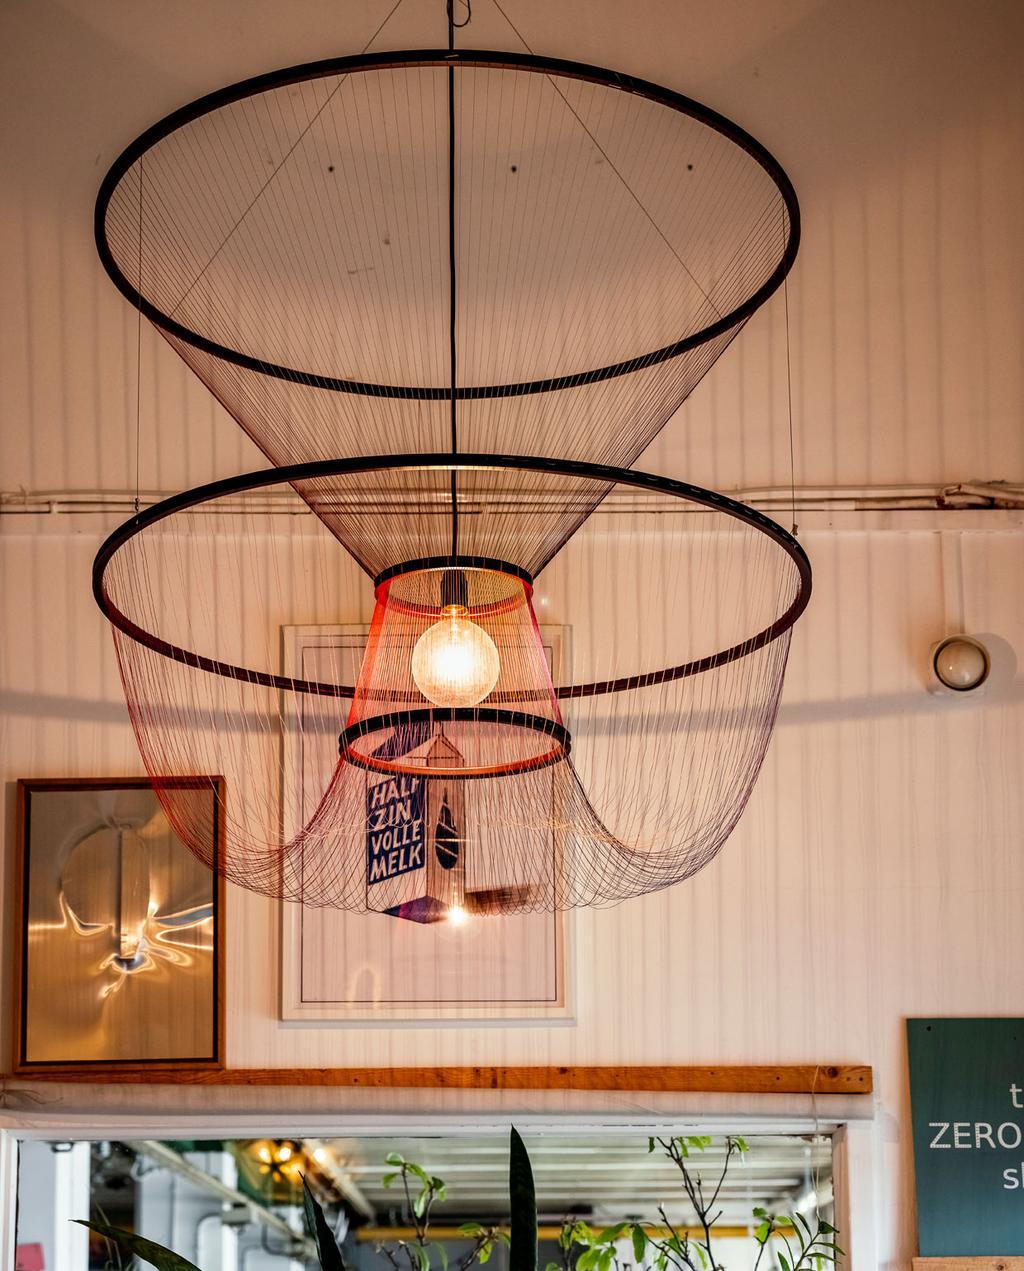 vtwonen 06-2021 | hanglamp met draden en metalen ringen